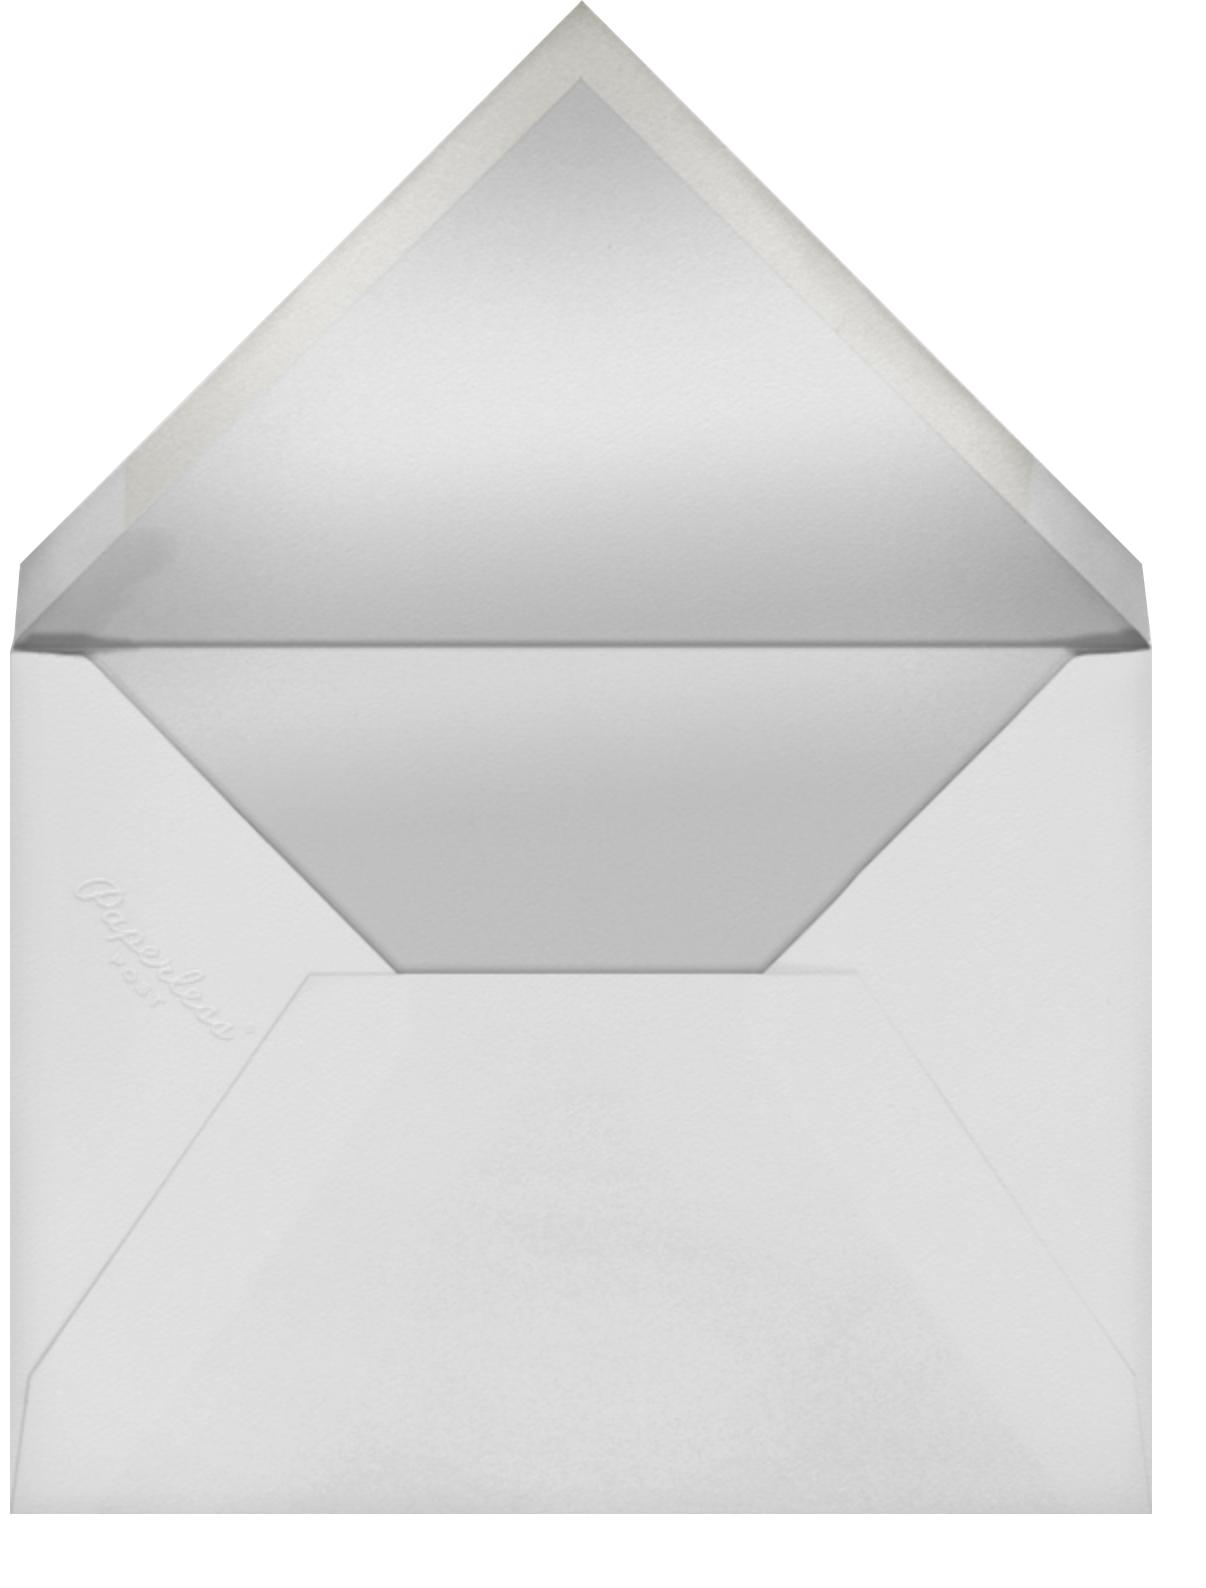 Benares (Program) - Caribbean - Paperless Post - Menus and programs - envelope back